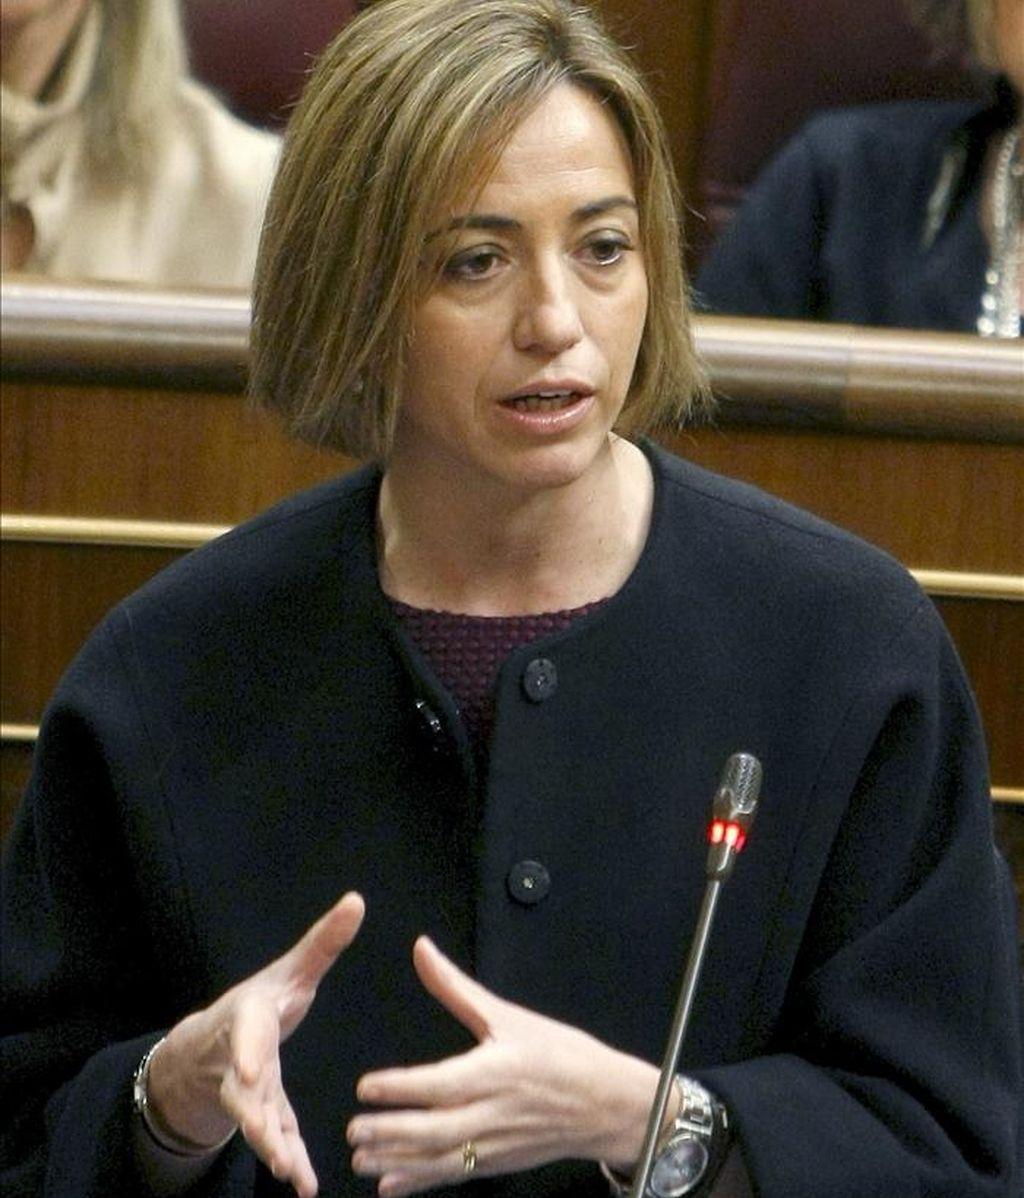 La ministra de Defensa, Carme Chacón, durante una intervención en la sesión de control al Ejecutivo en el pleno del Congreso. EFE/Archivo